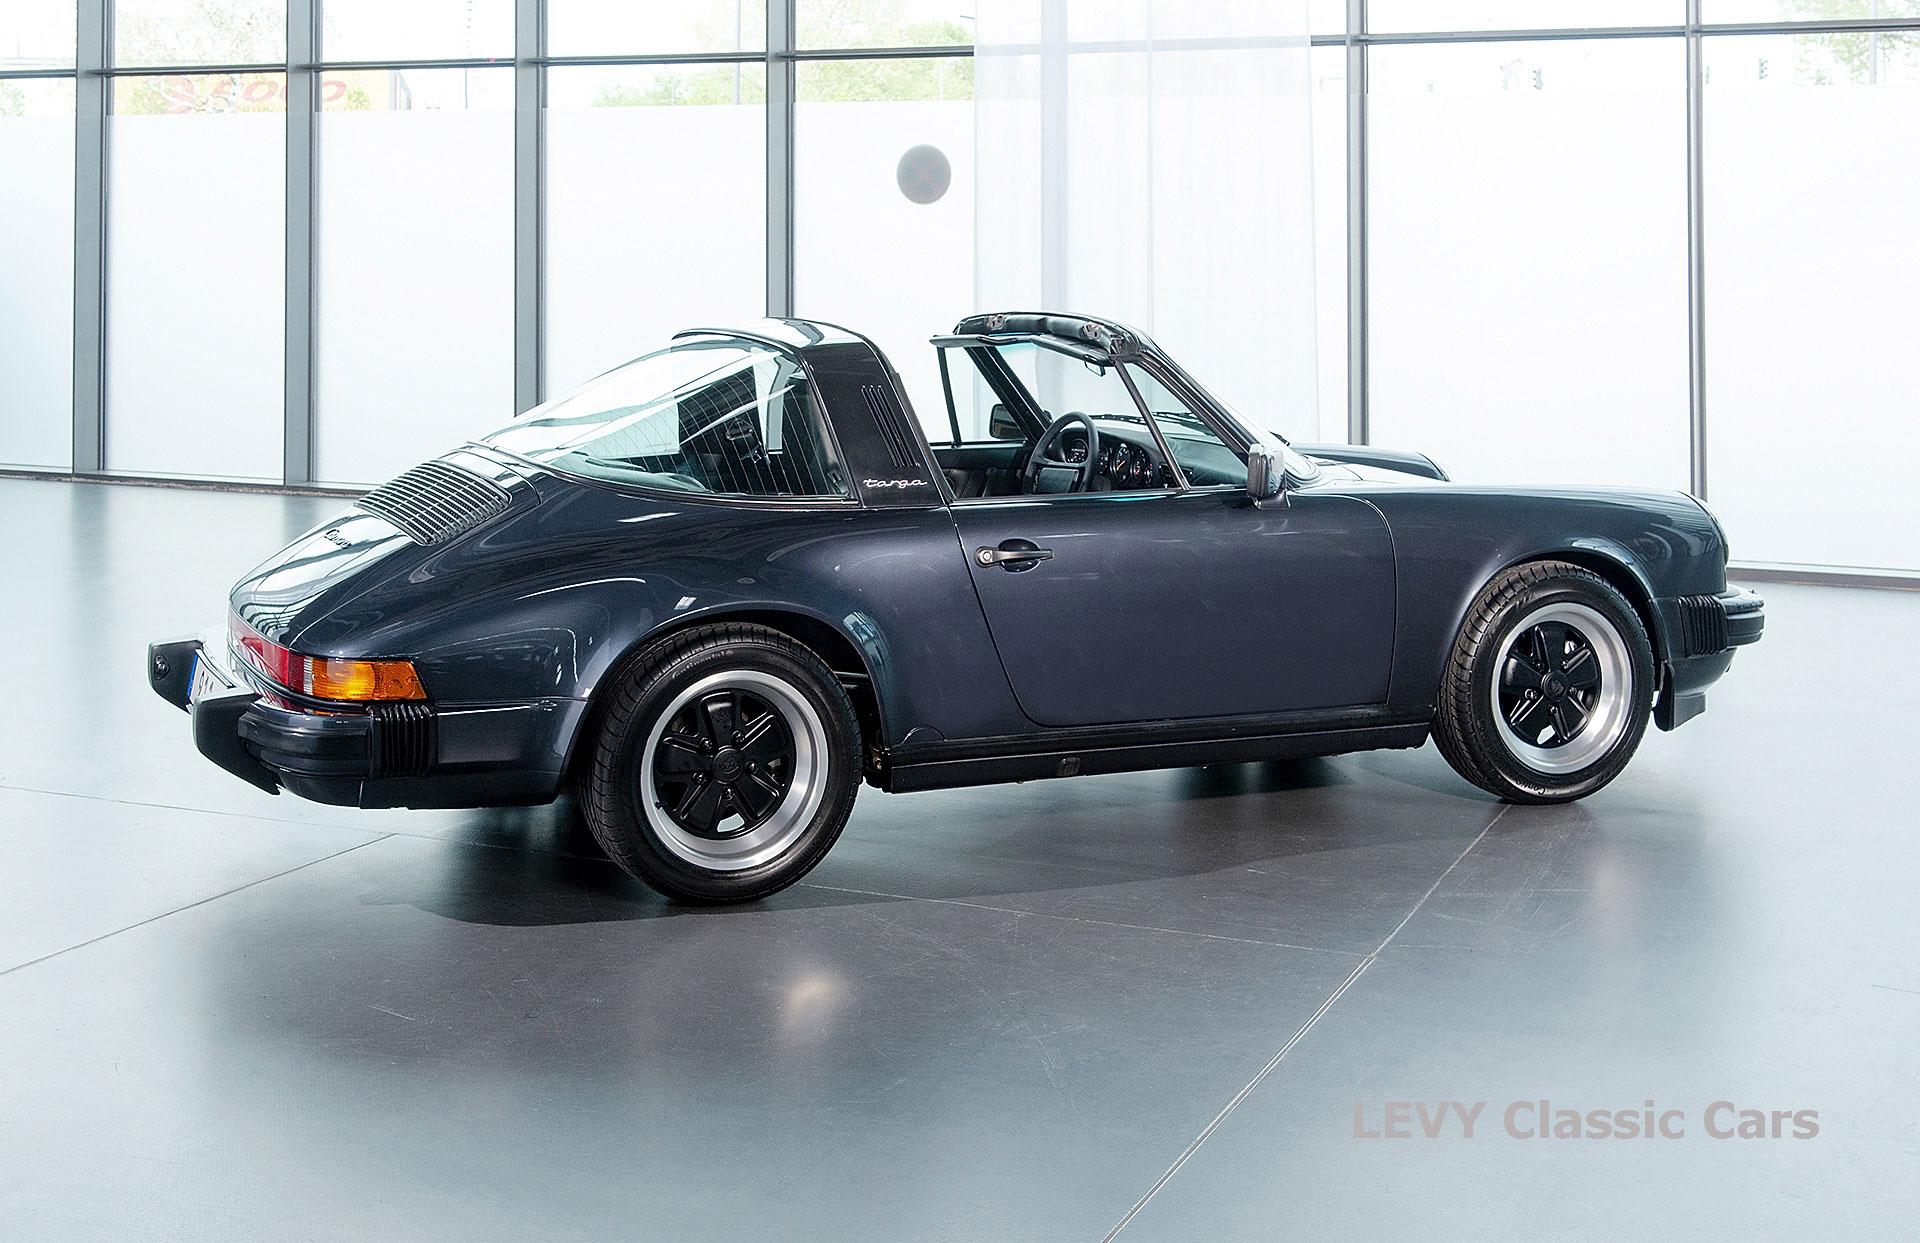 Porsche 911 Targa blau 61547 02